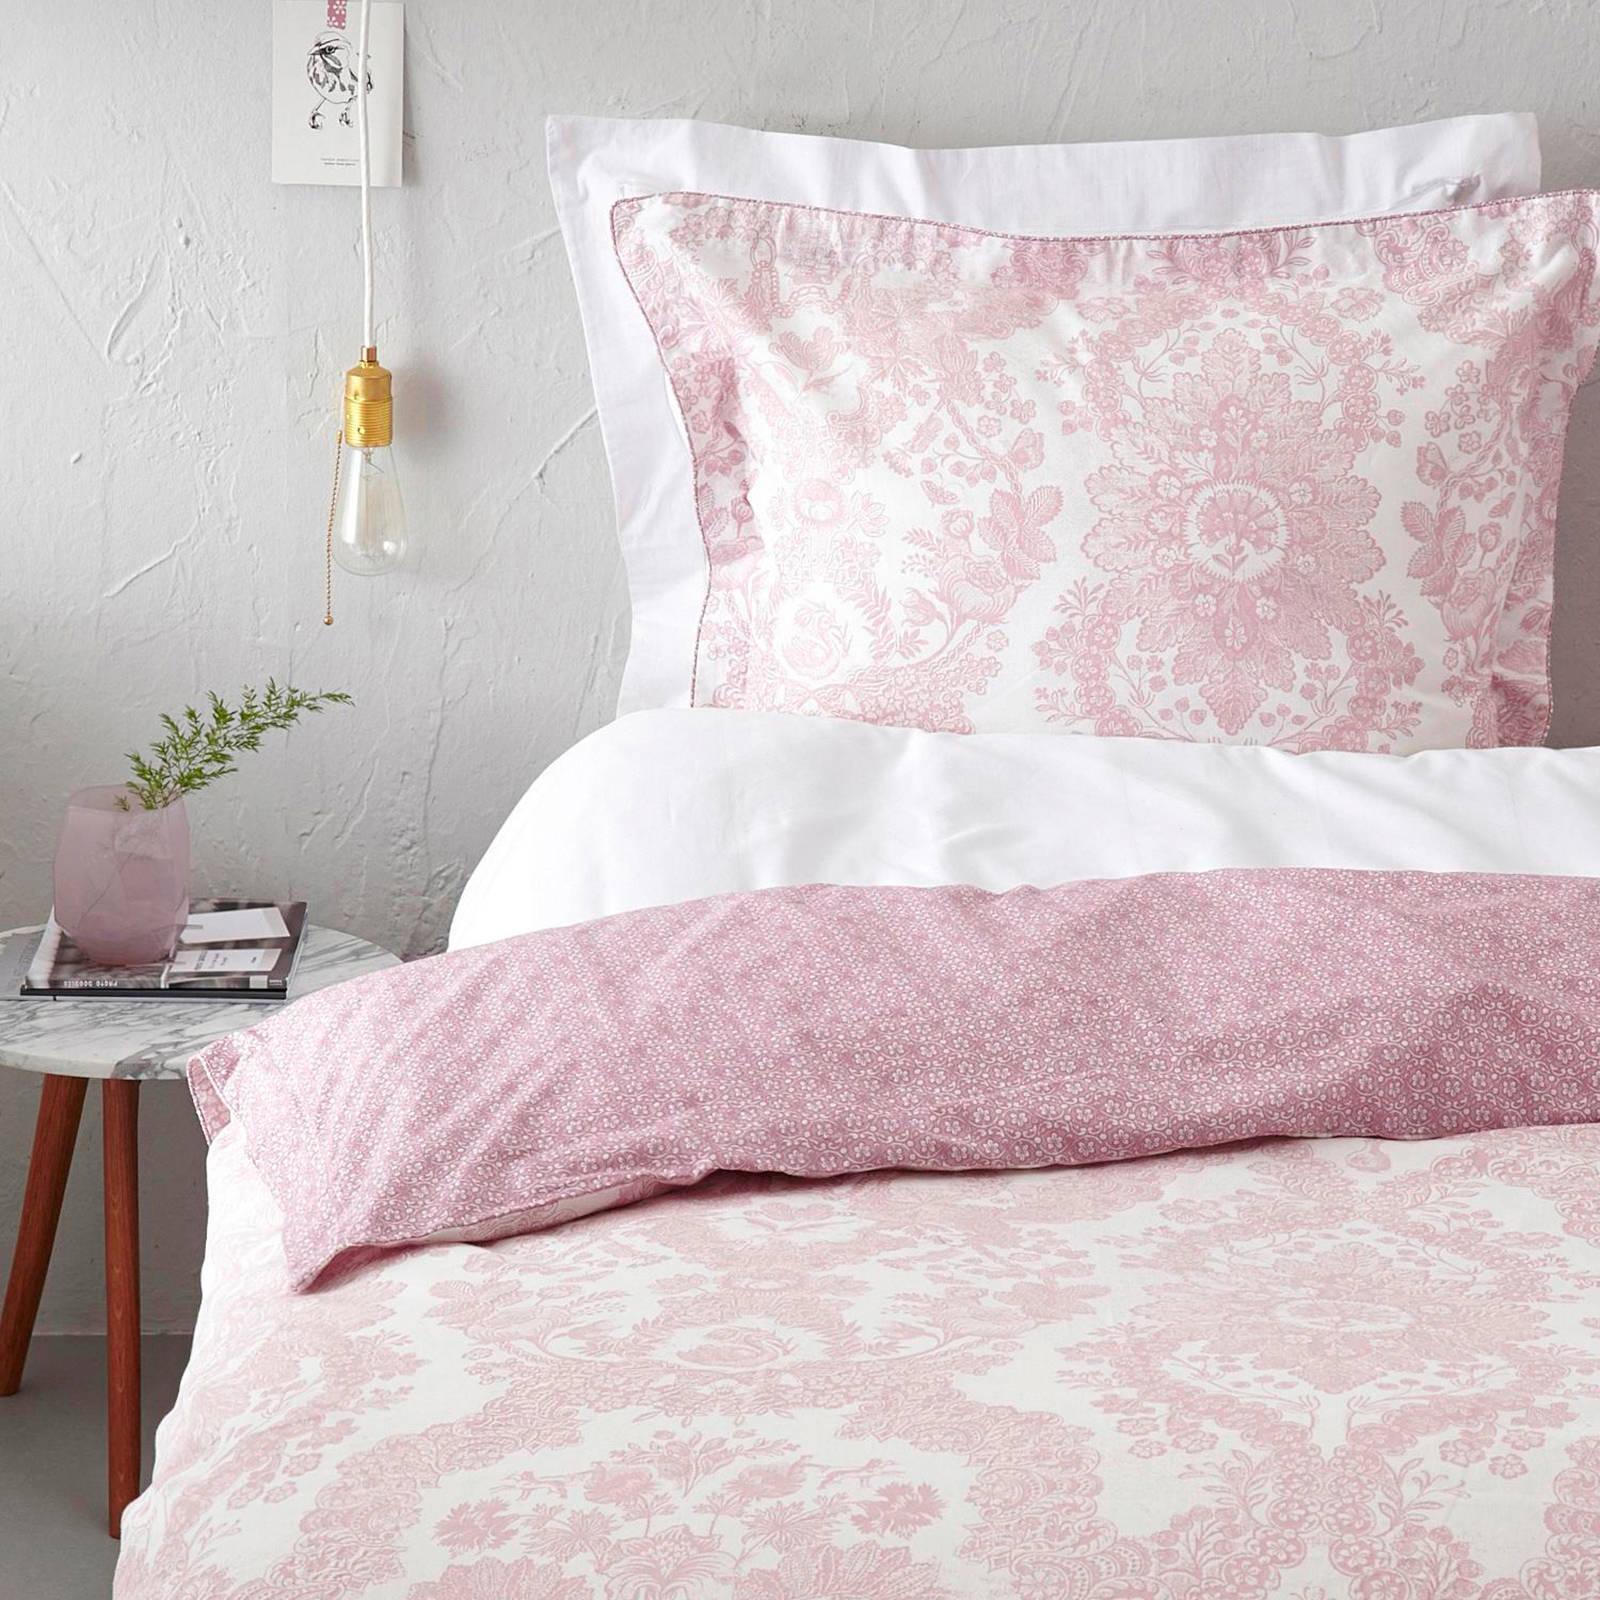 pip studio linnen dekbedovertrek 2 persoons roze